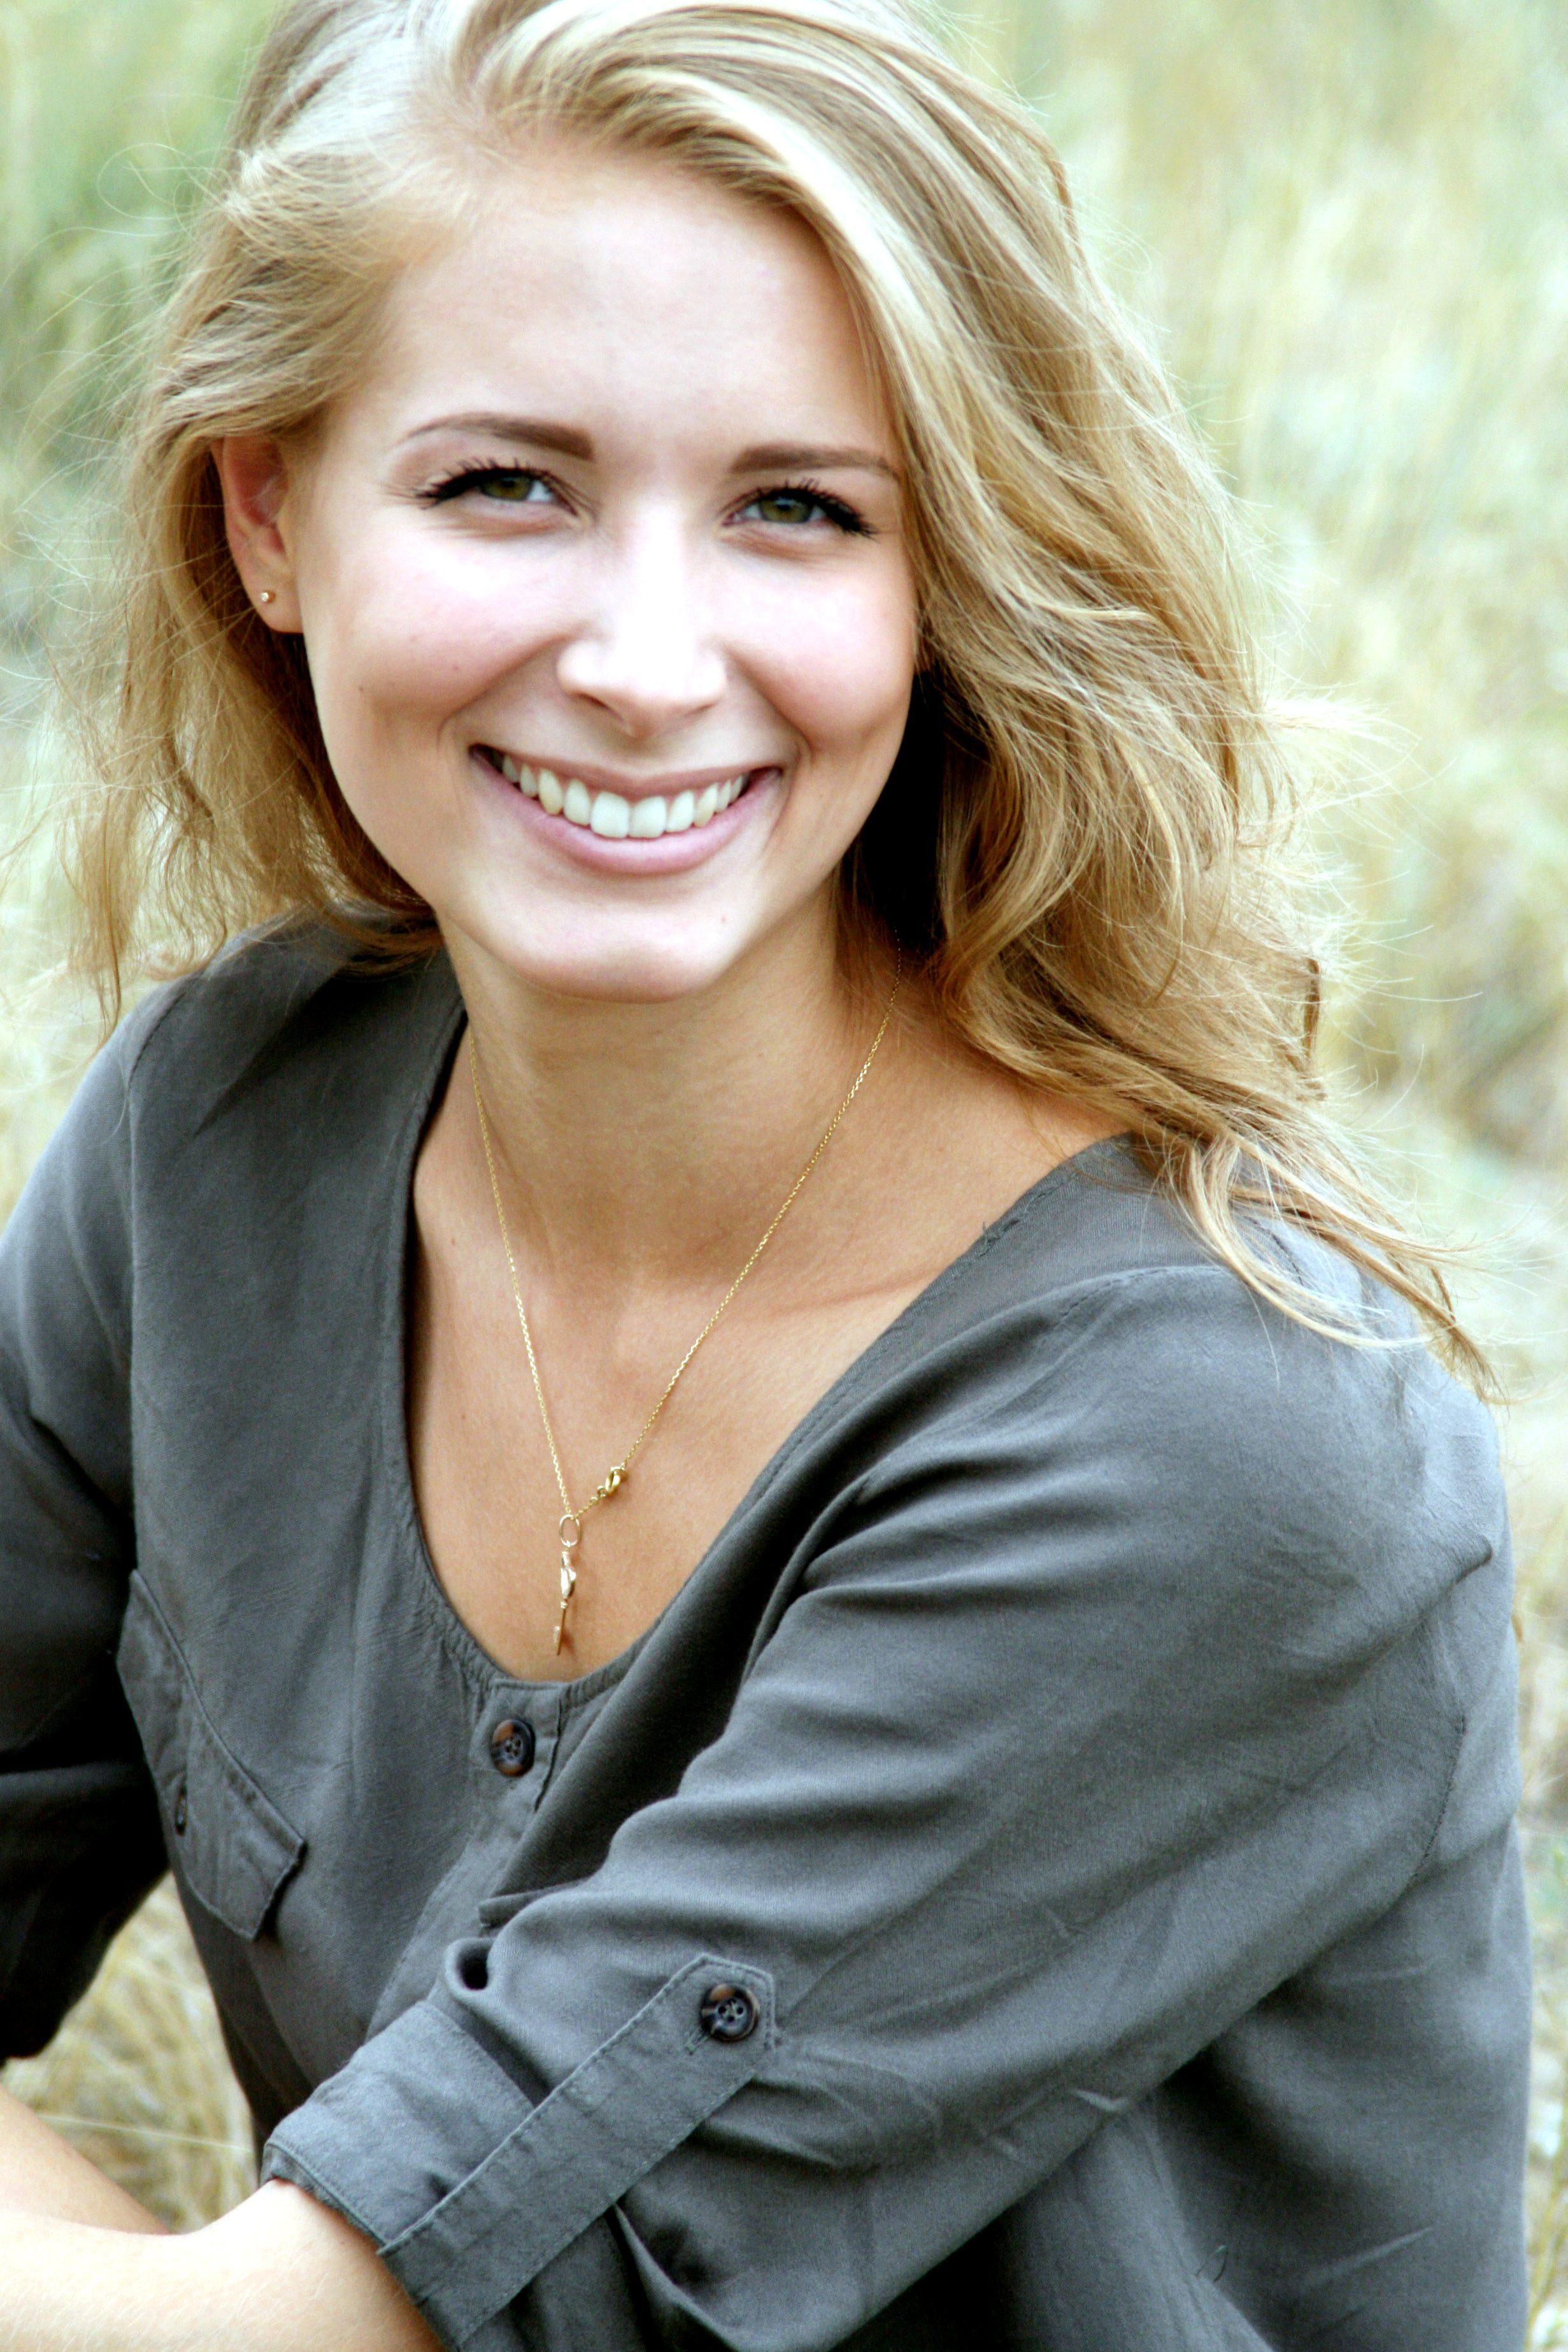 Kostenlose Bild: hübsche junge Frau, Lächeln, Portrait, blonde Haare